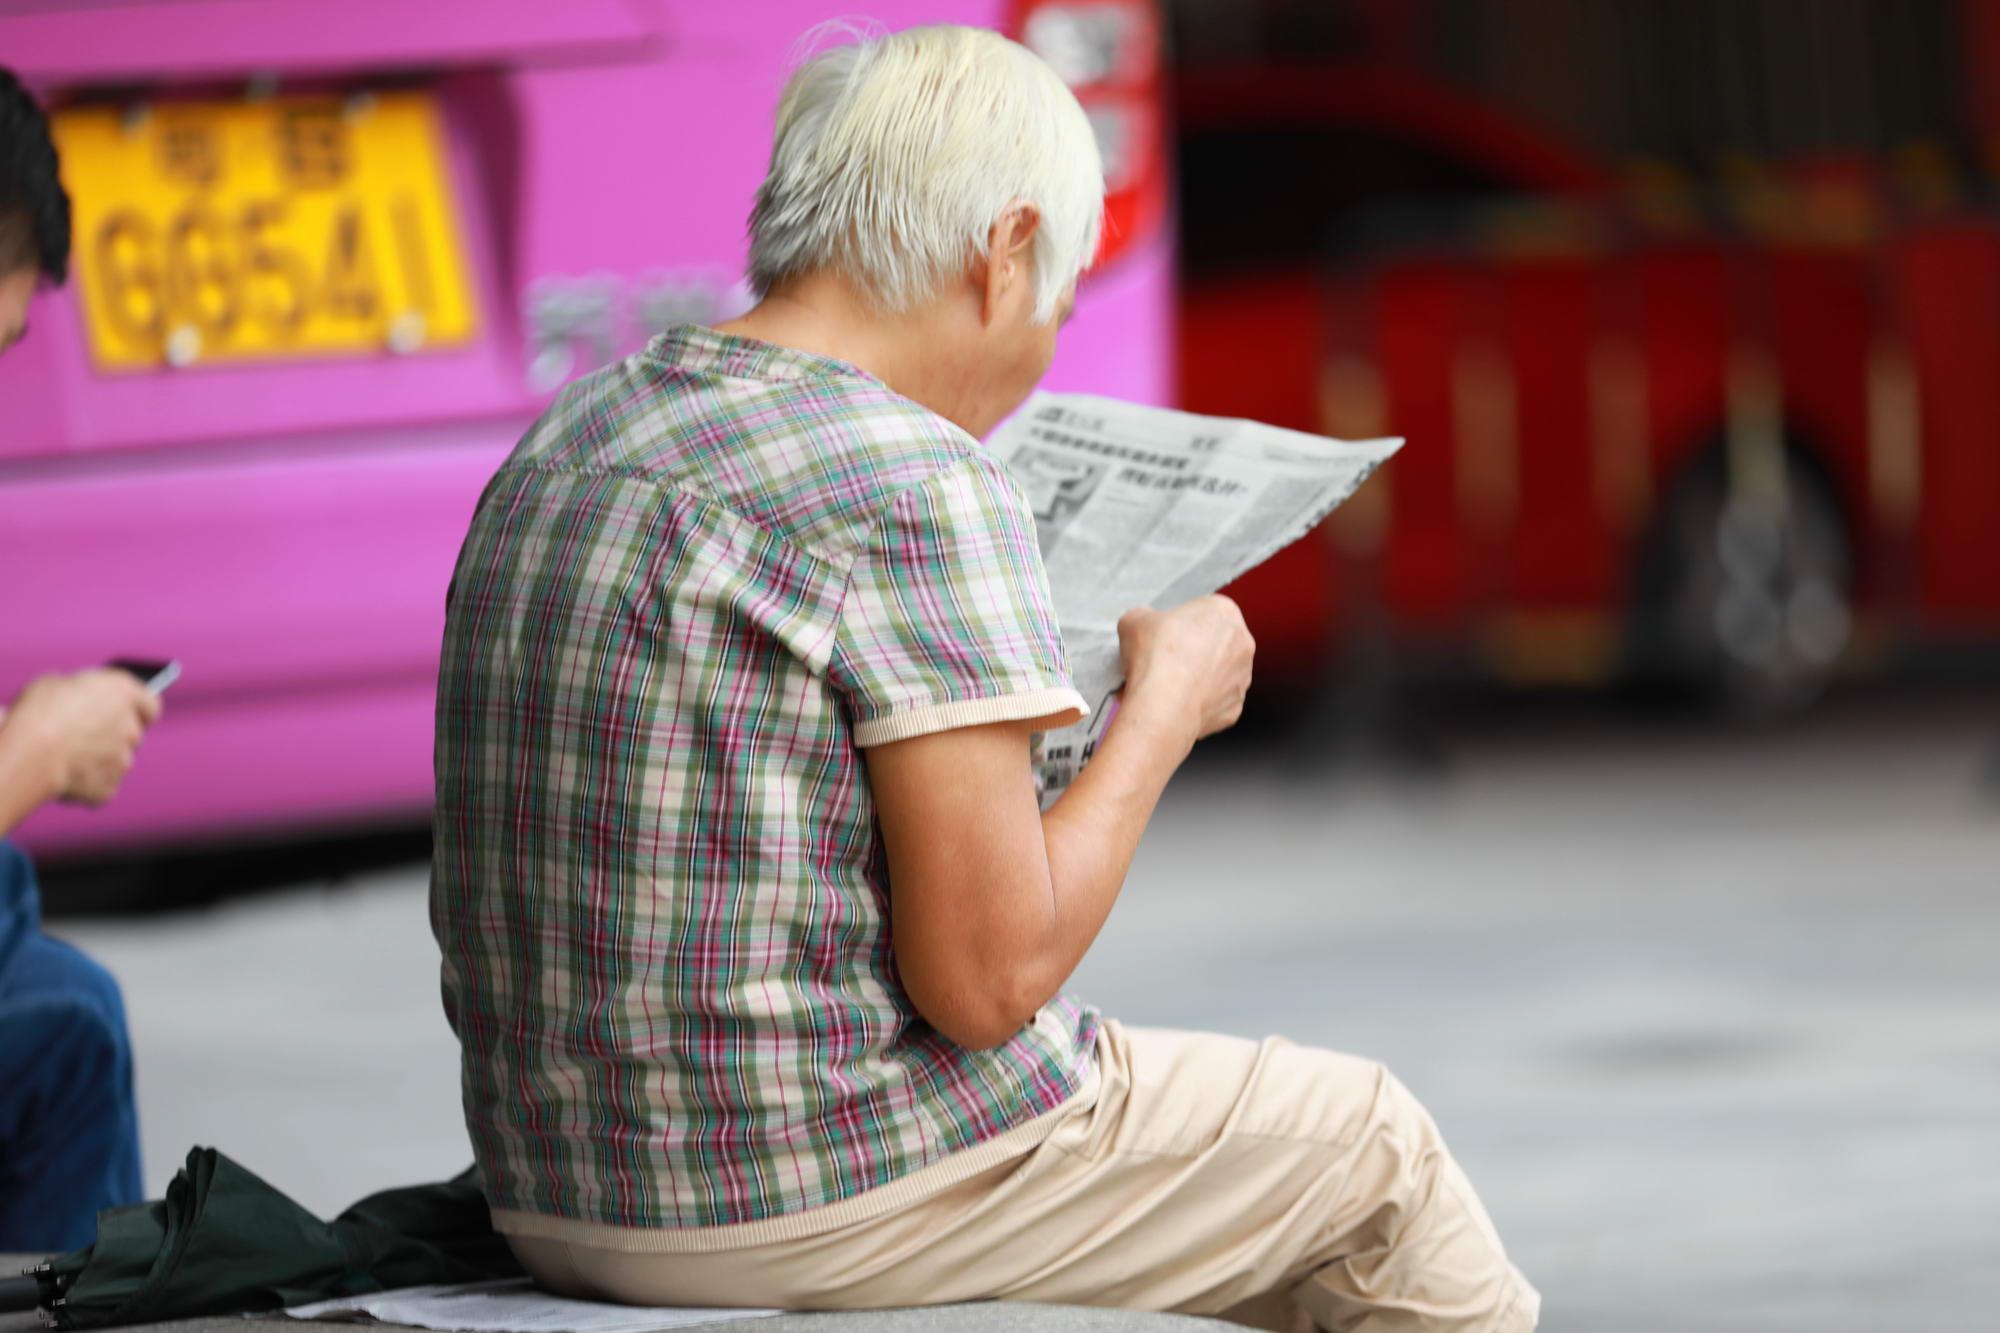 便利蜂:重阳节服务老年人的人次,比一个月前增加了近 15%